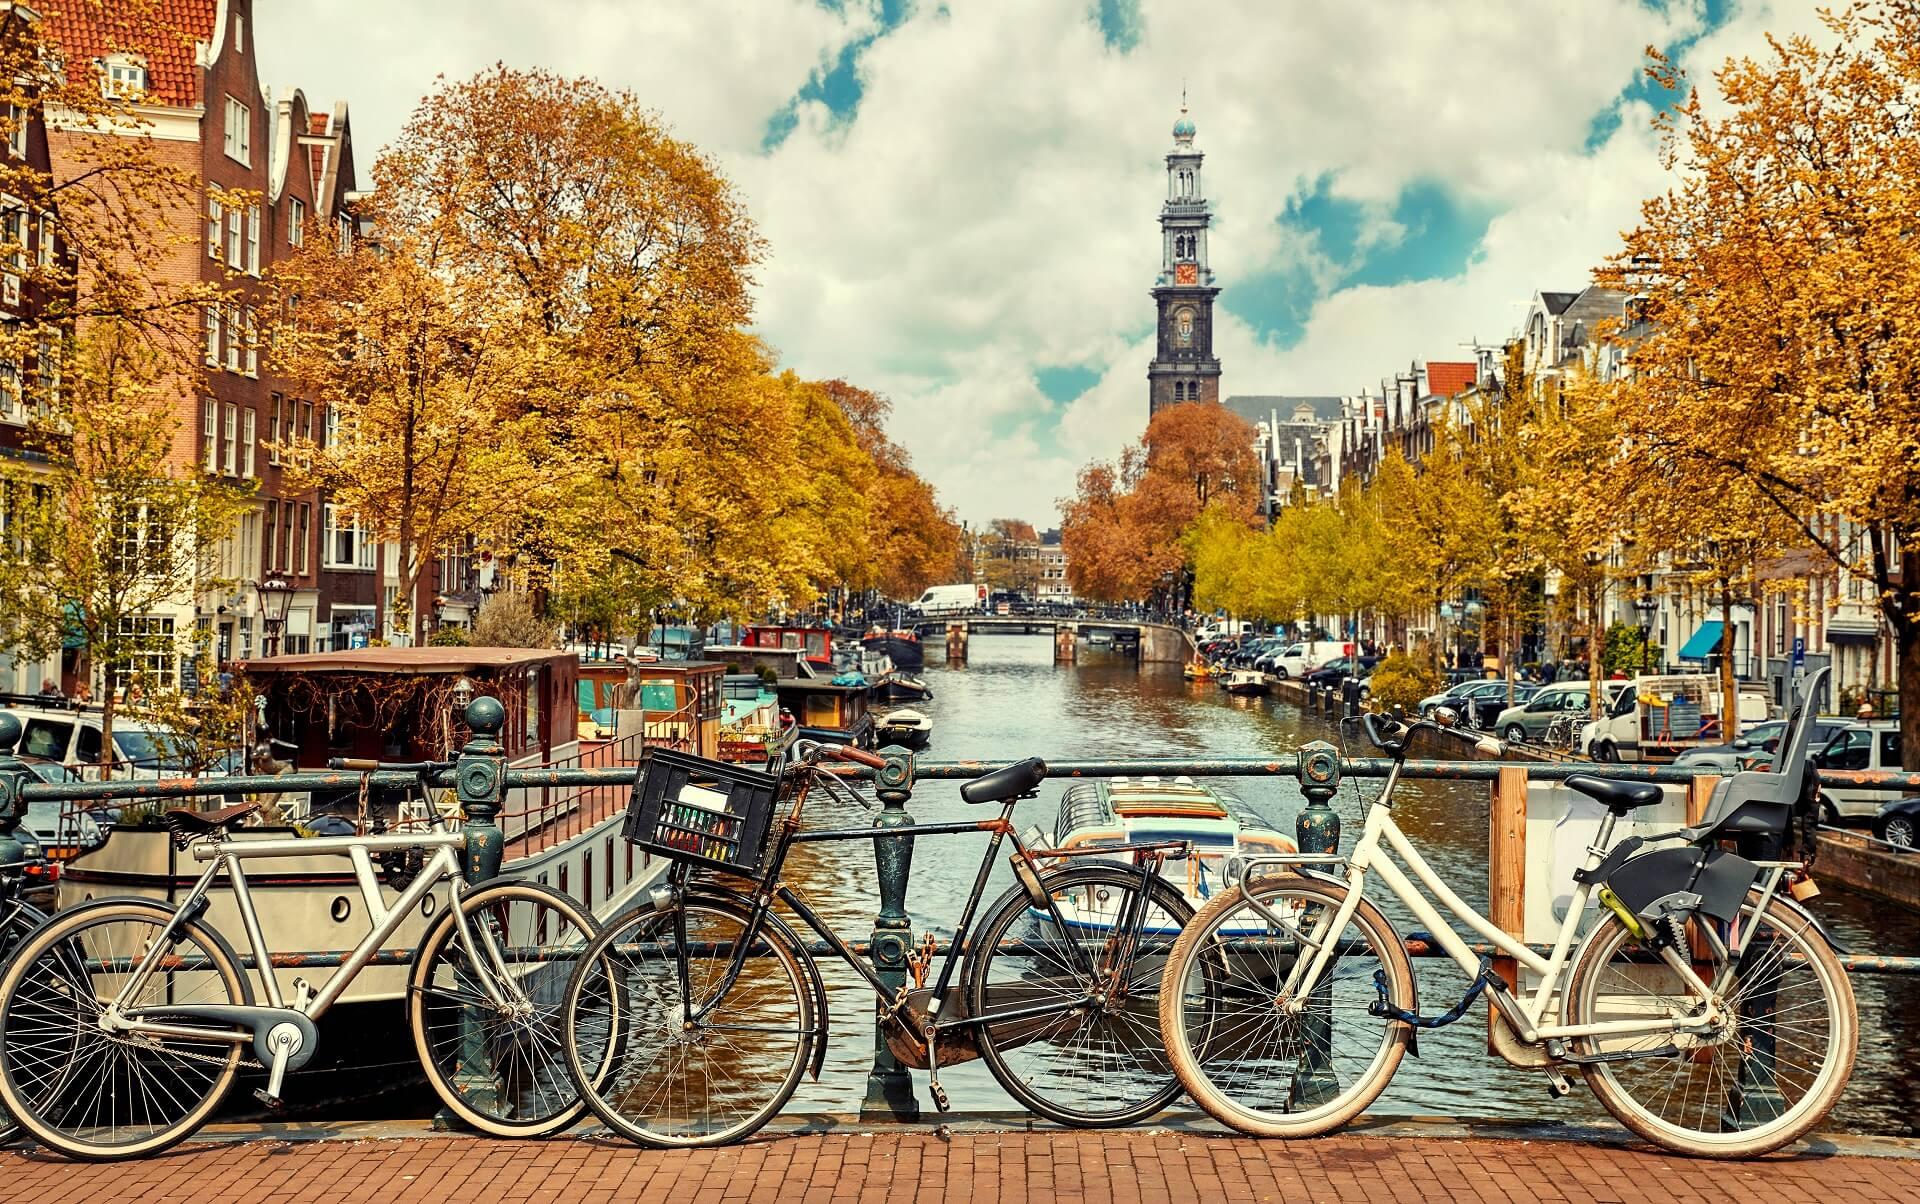 AmsterdamNetherlands